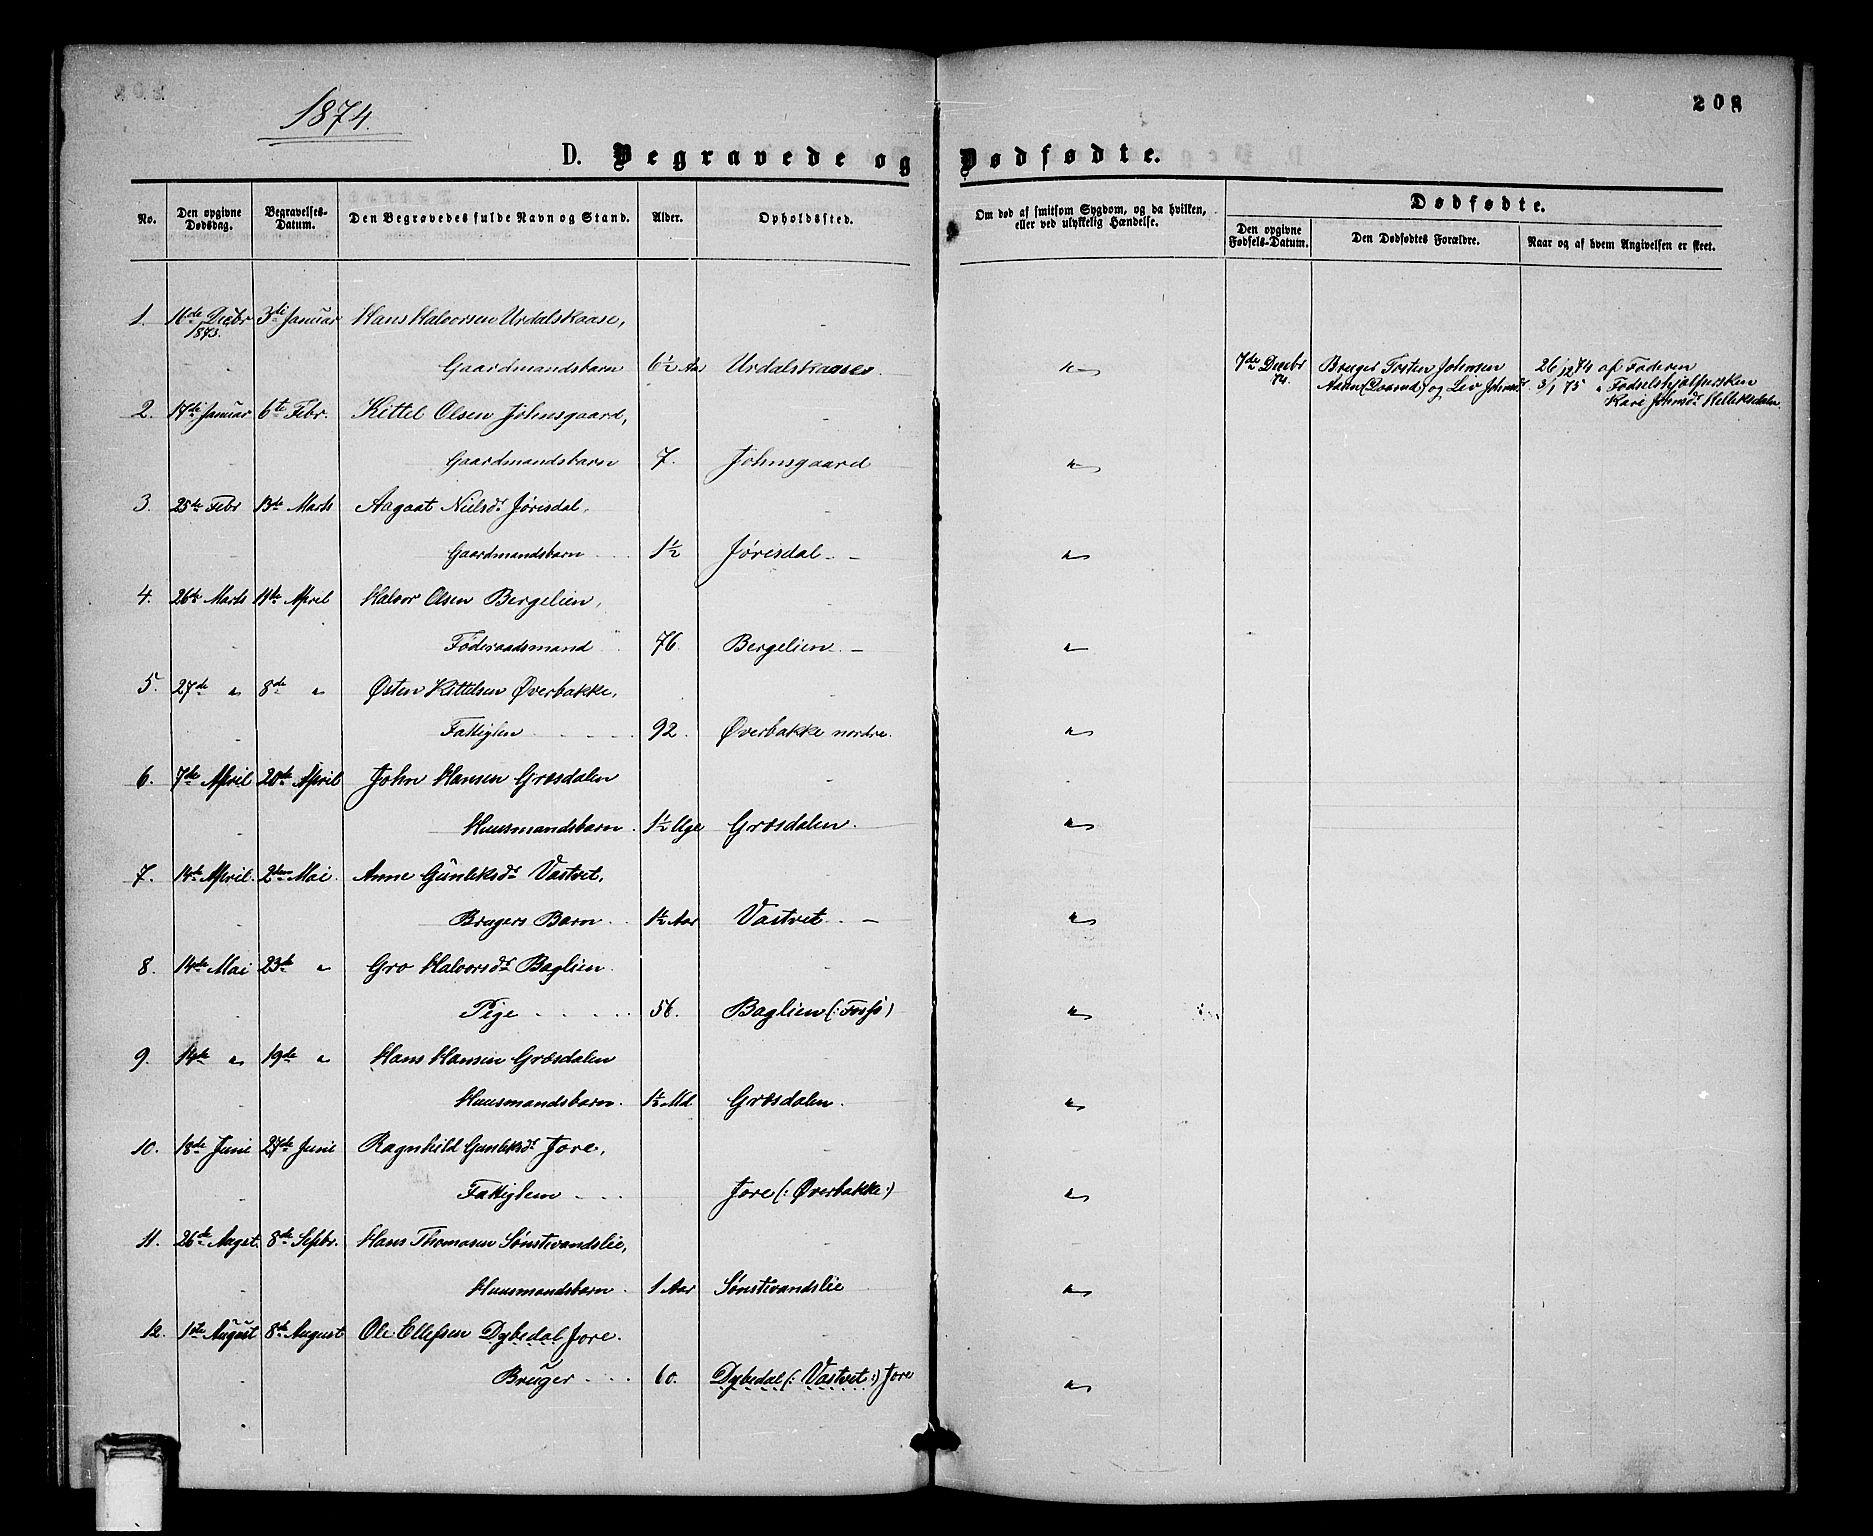 SAKO, Gransherad kirkebøker, G/Gb/L0002: Klokkerbok nr. II 2, 1860-1886, s. 208